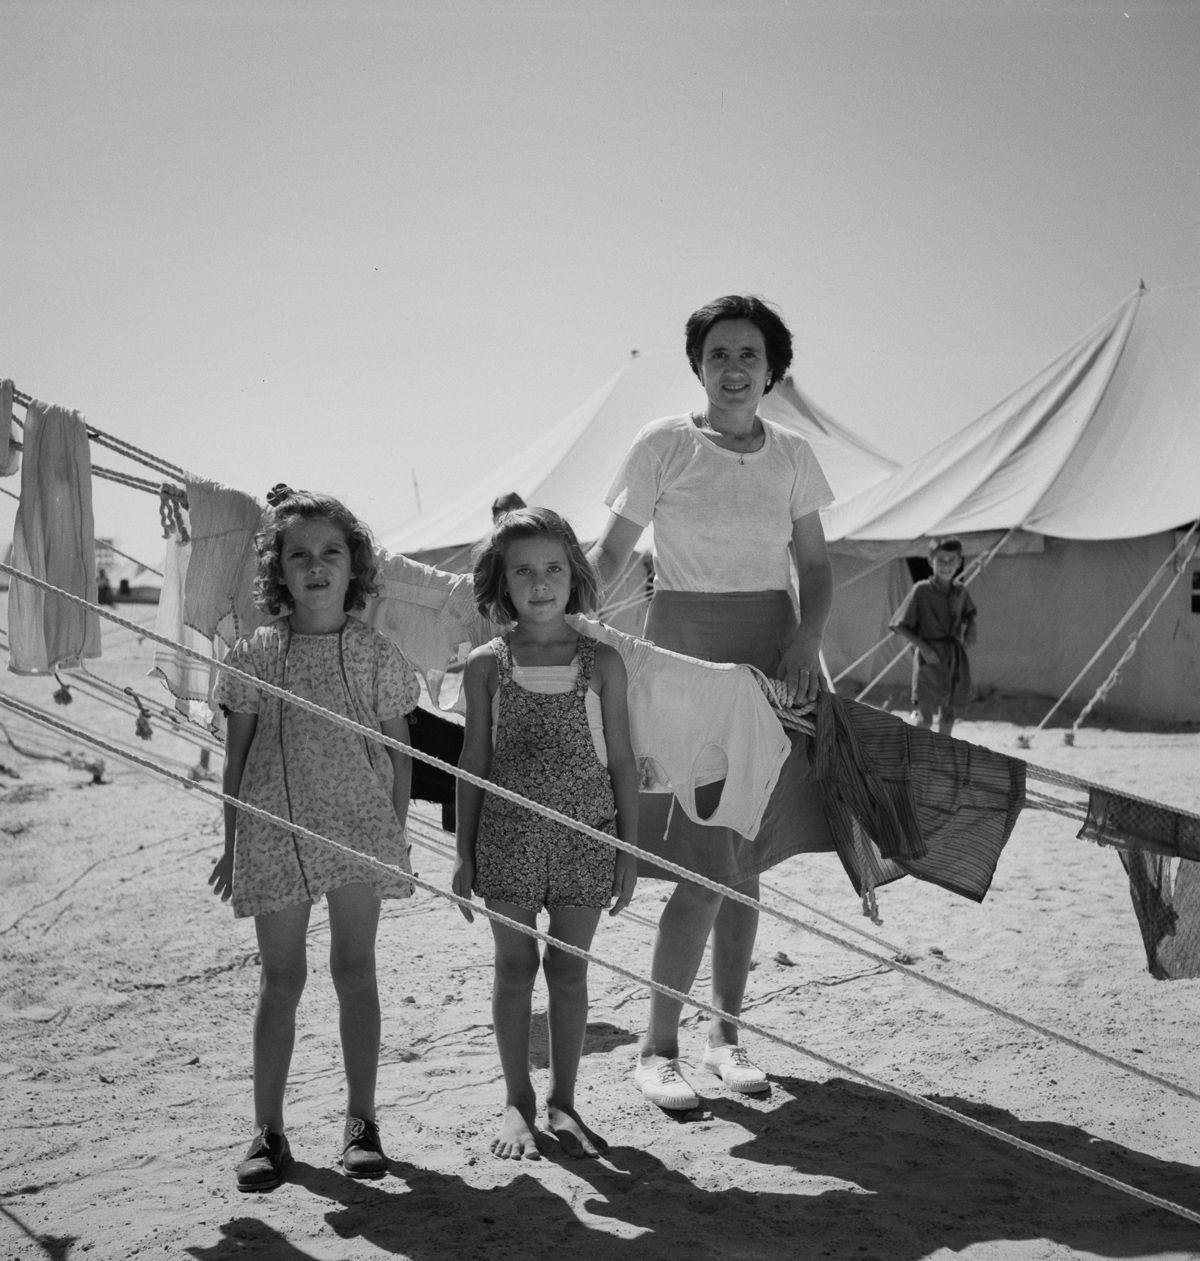 Quando os refugiados fugiram da Europa devastada pela guerra buscando paraísos no Oriente Médio 08